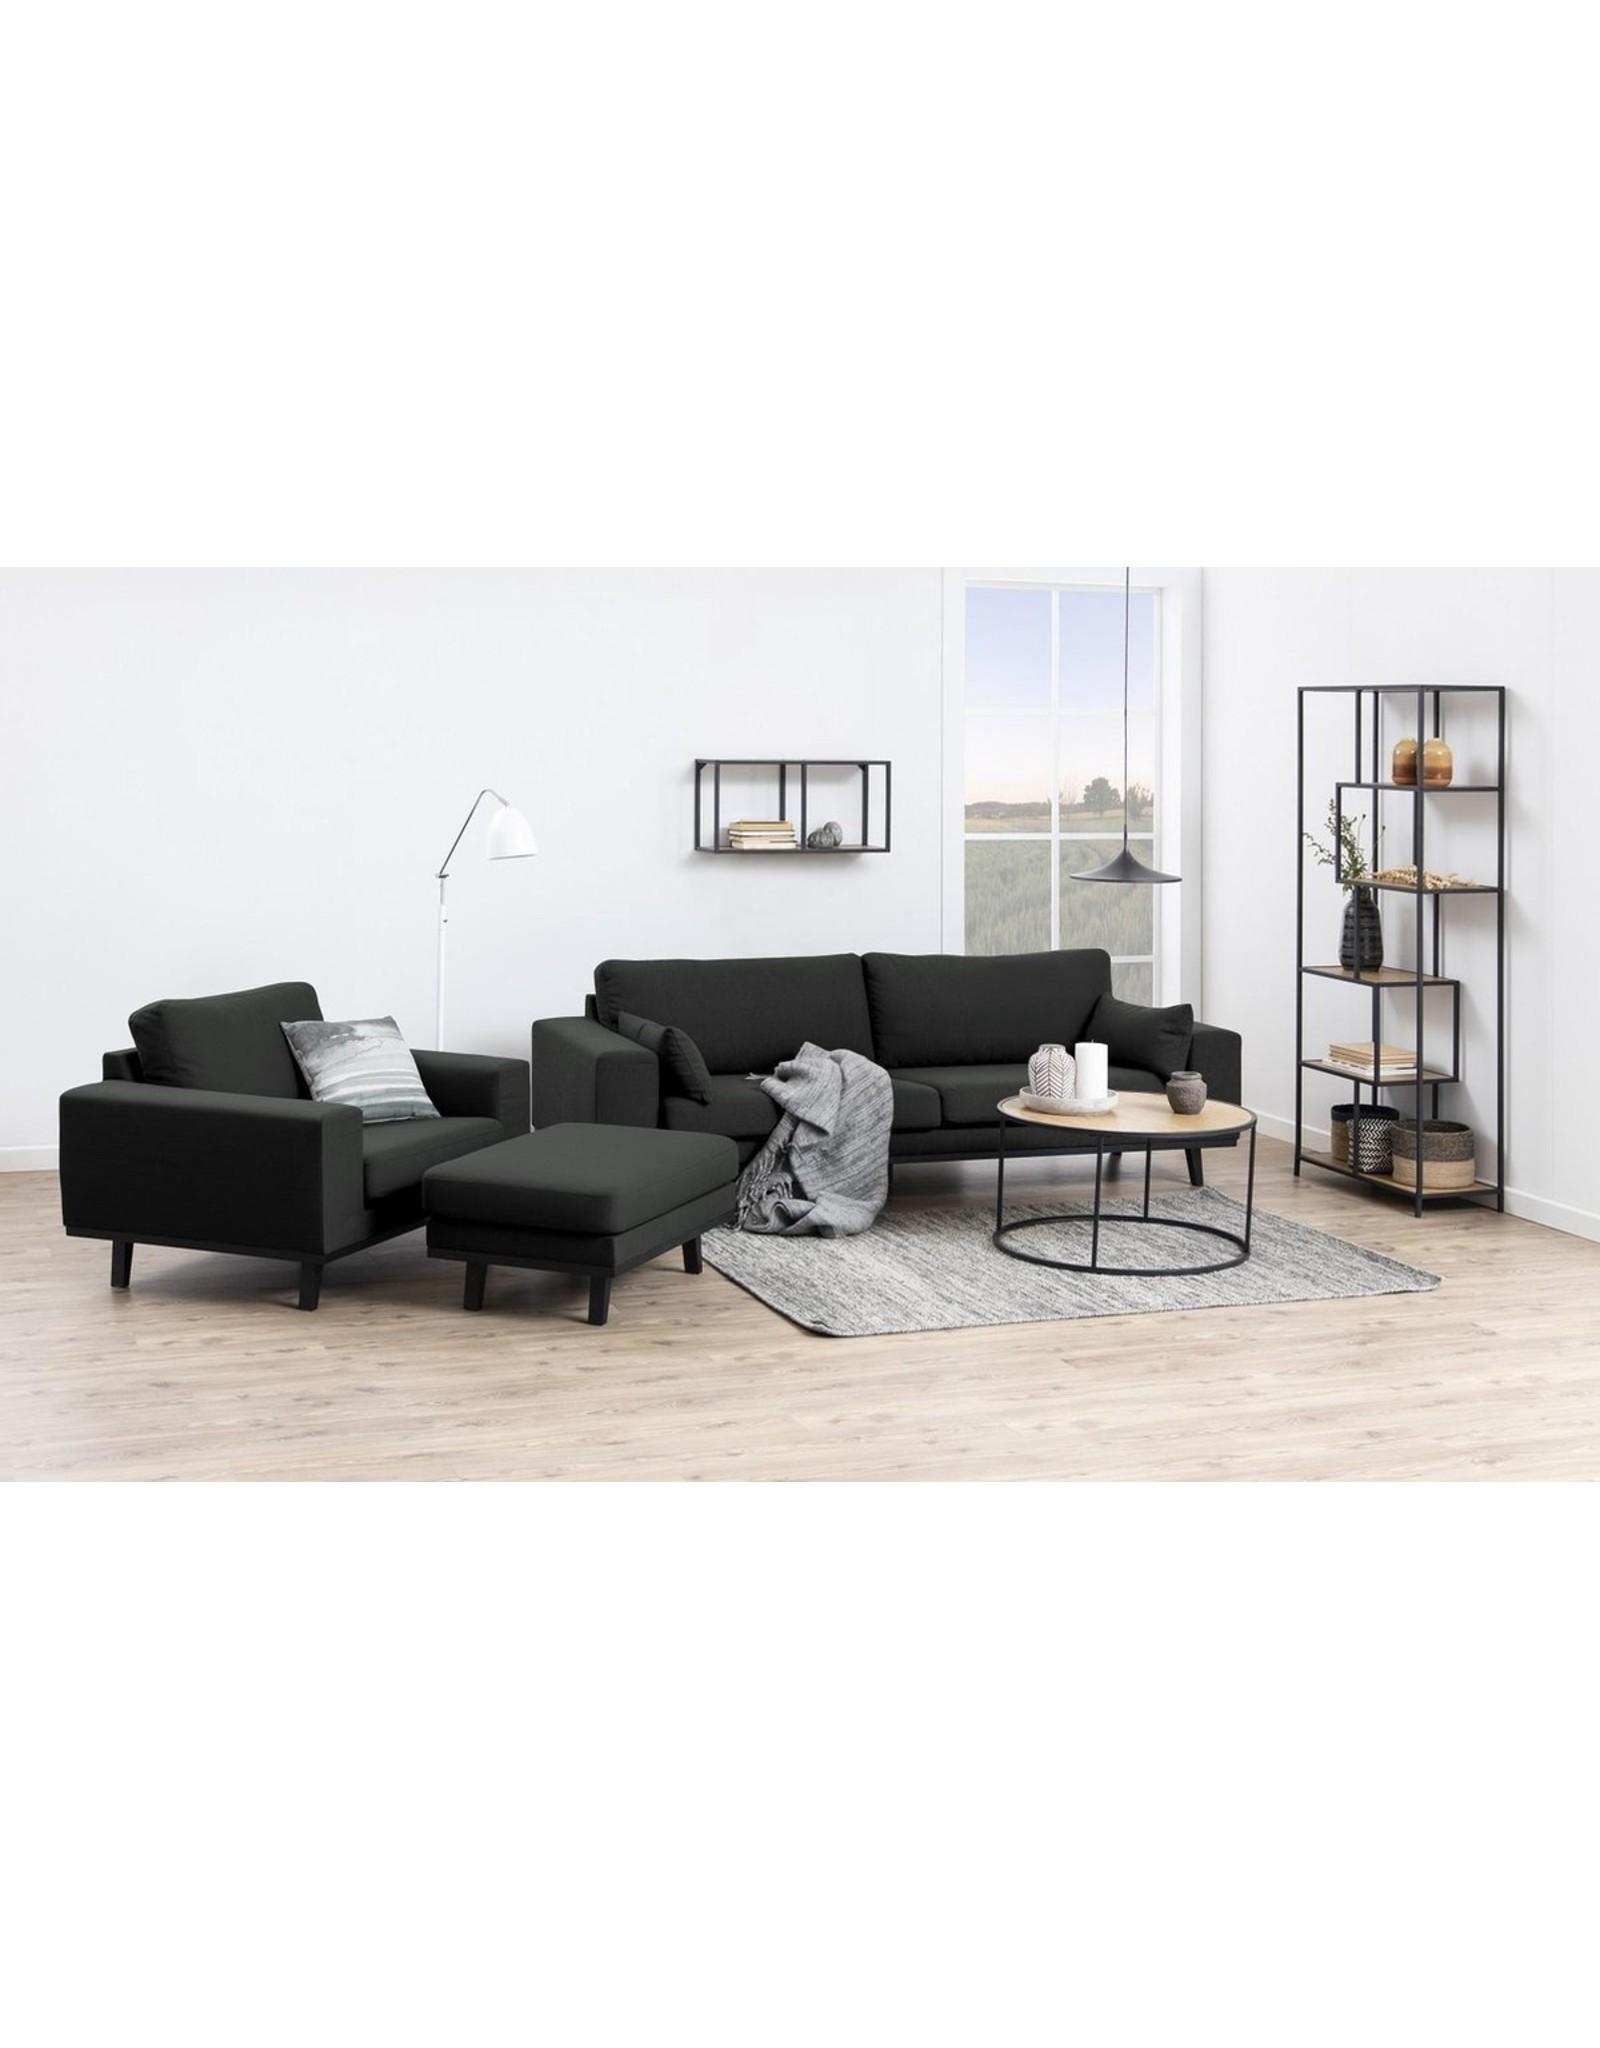 Parya Home Parya Home - Metalen Wandrek - 2 Planken - Liggend - Houtenplanken - Zwart